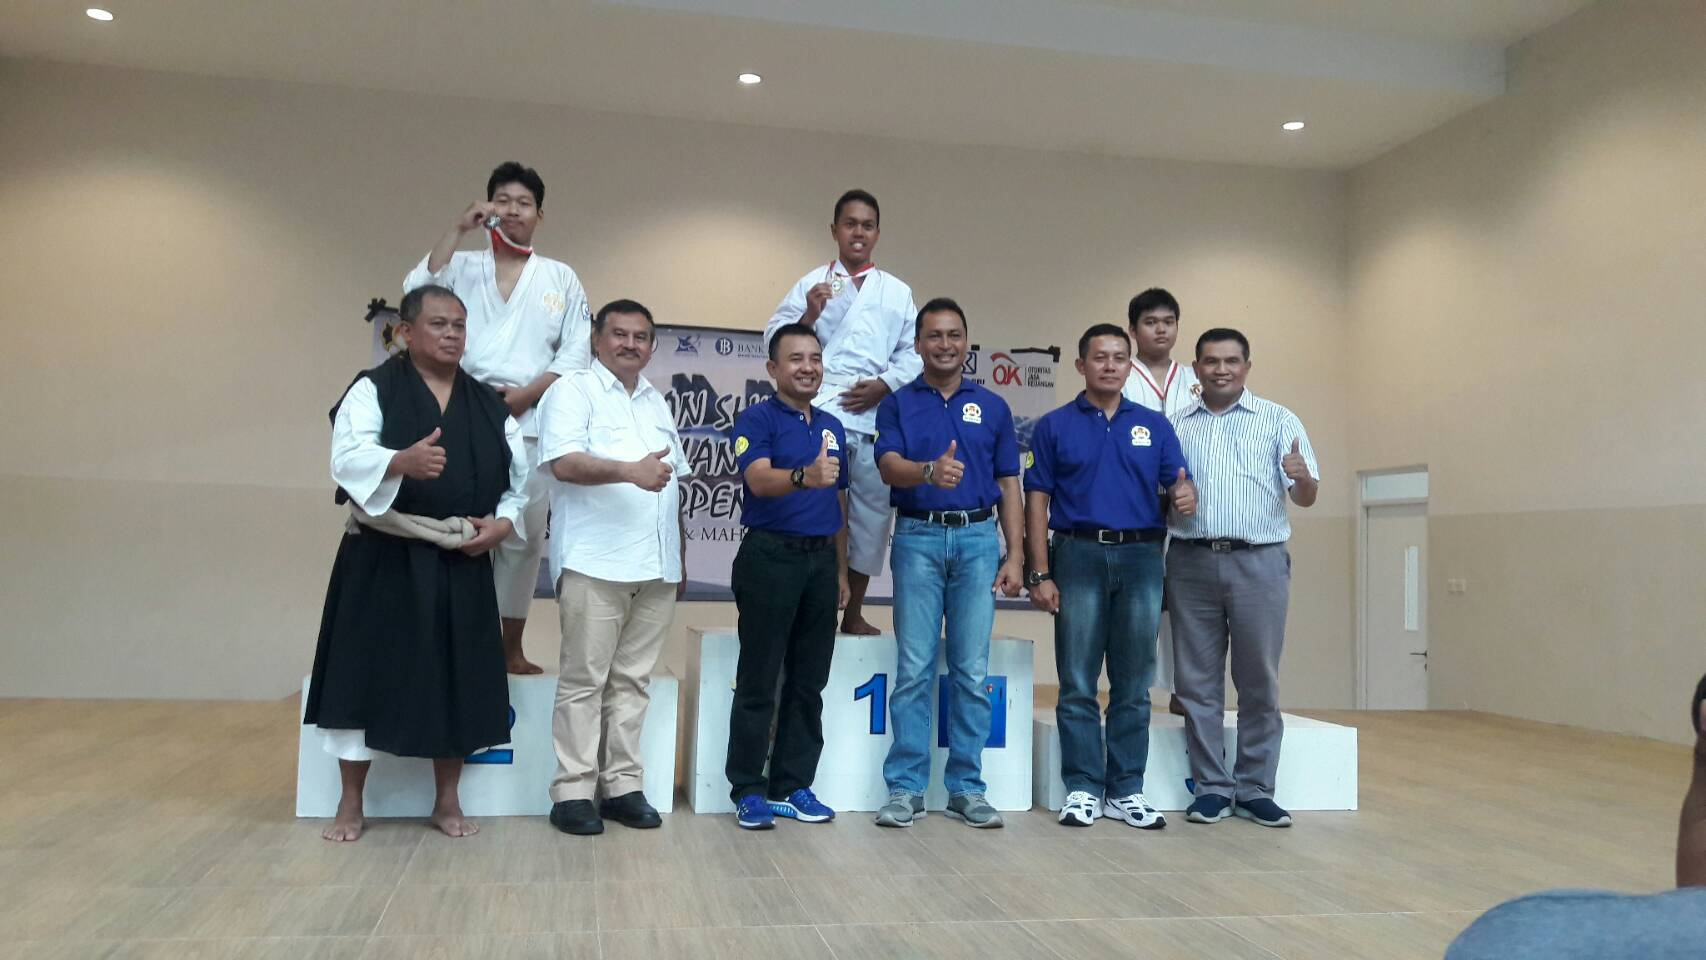 Partisipasi Universitas Esa Unggul dalam Kejuaraan Shorinji Kempo UNJ LANUD HALIM OPEN 2018 Antar Pelajar dan Mahasiswa Se-Indonesia.